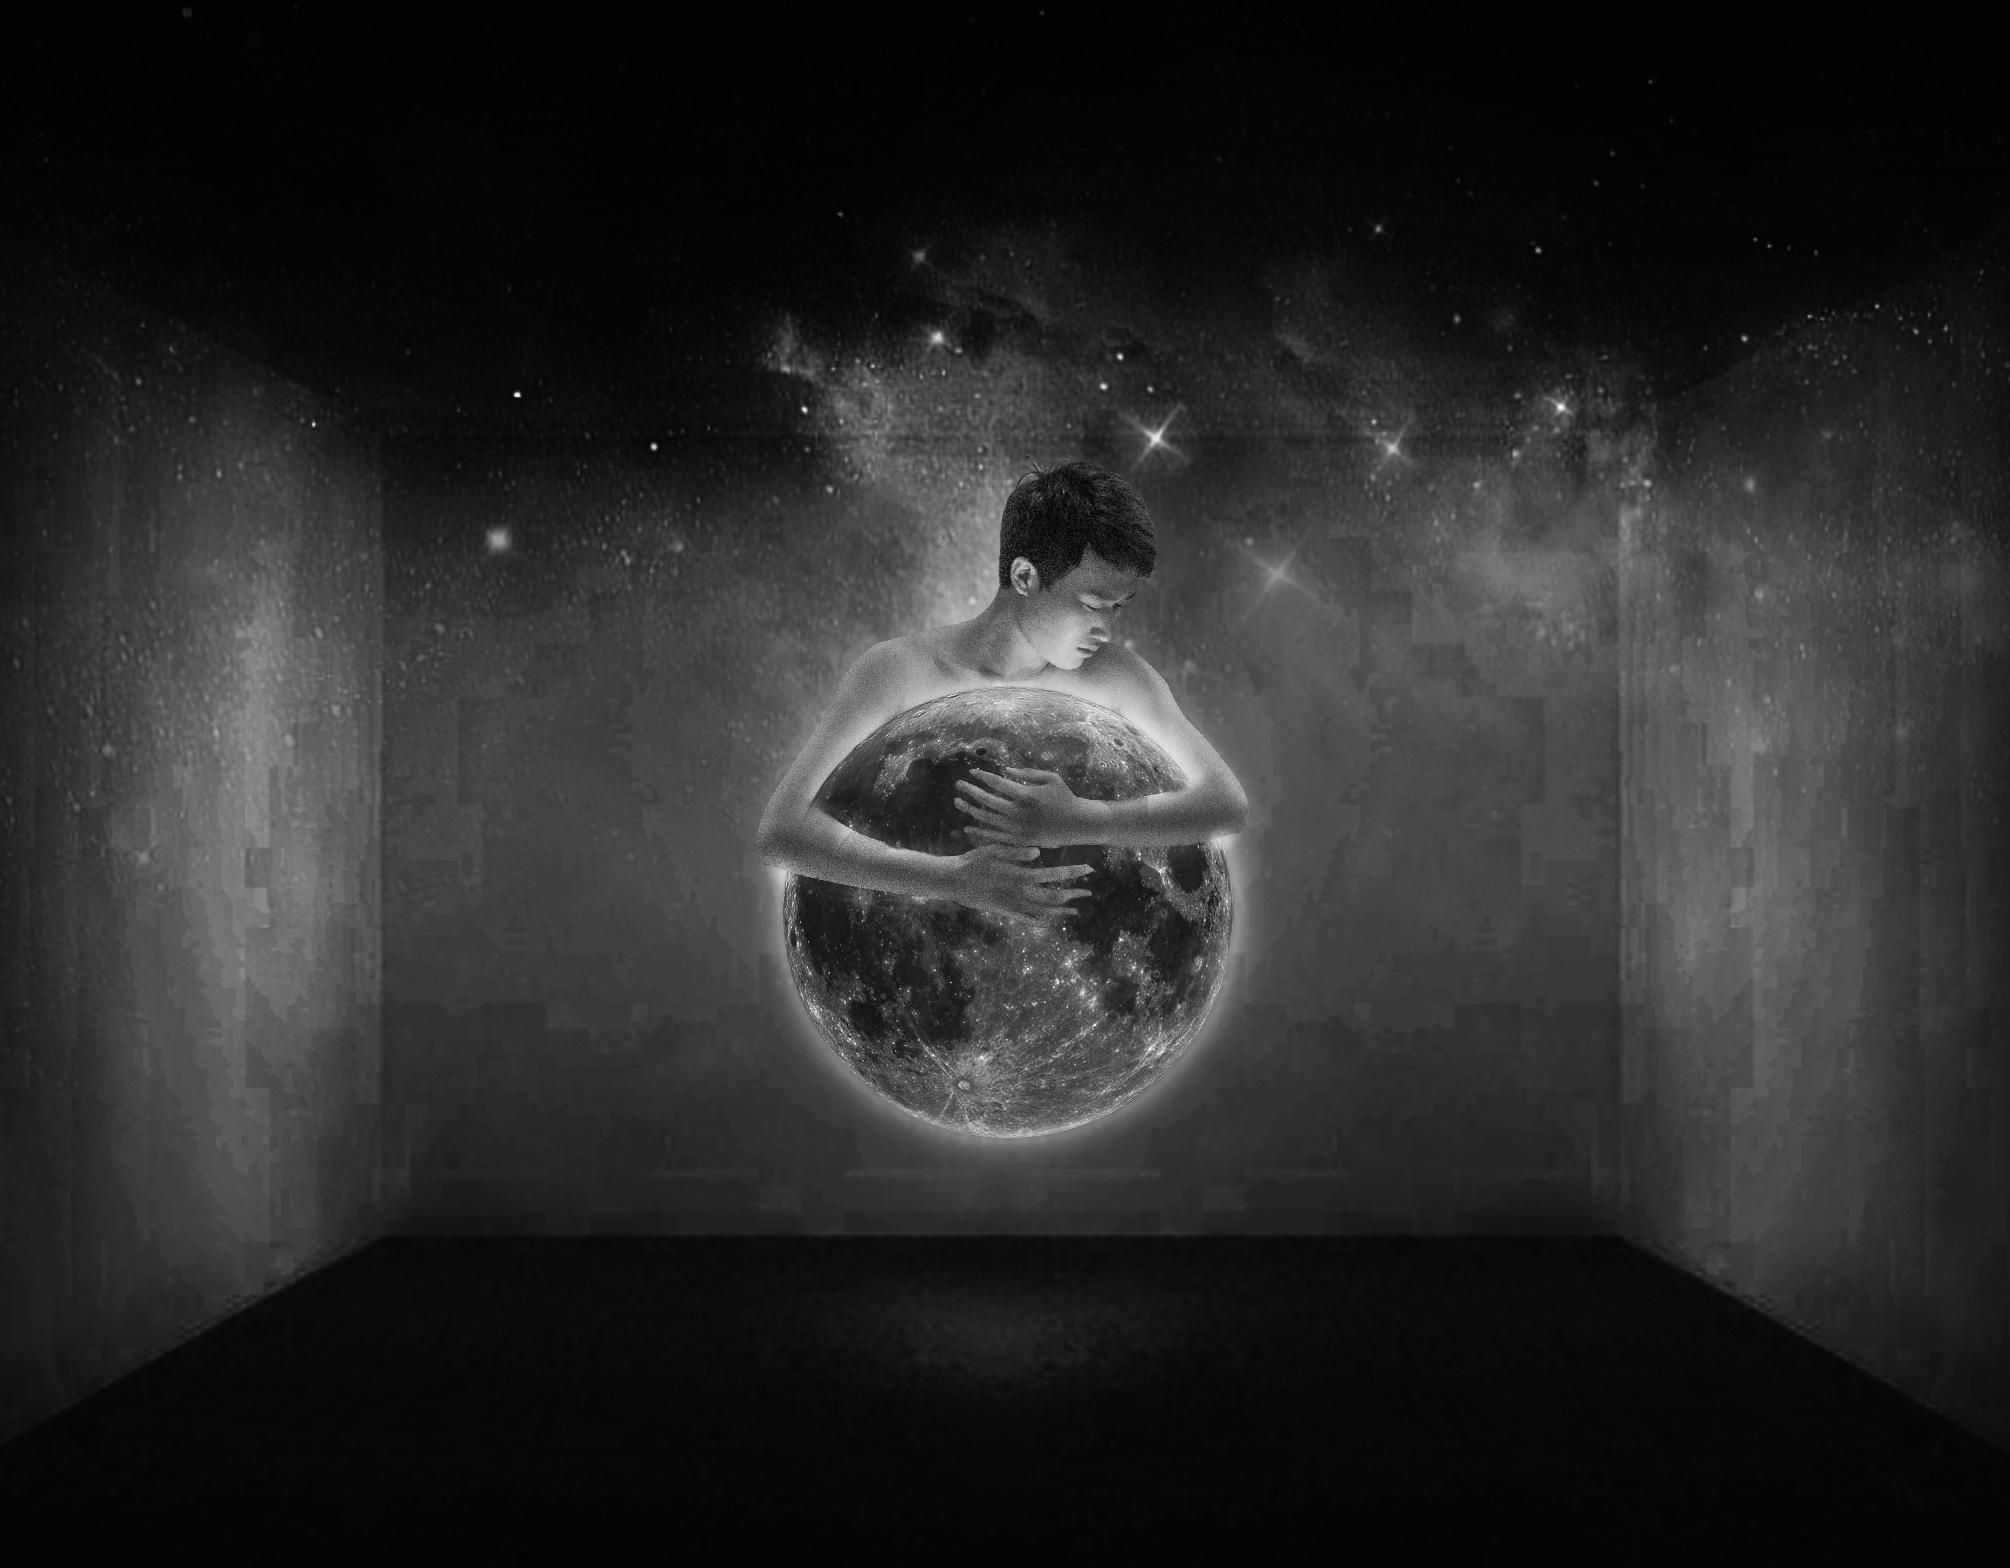 创意摄影 星月的温柔图片